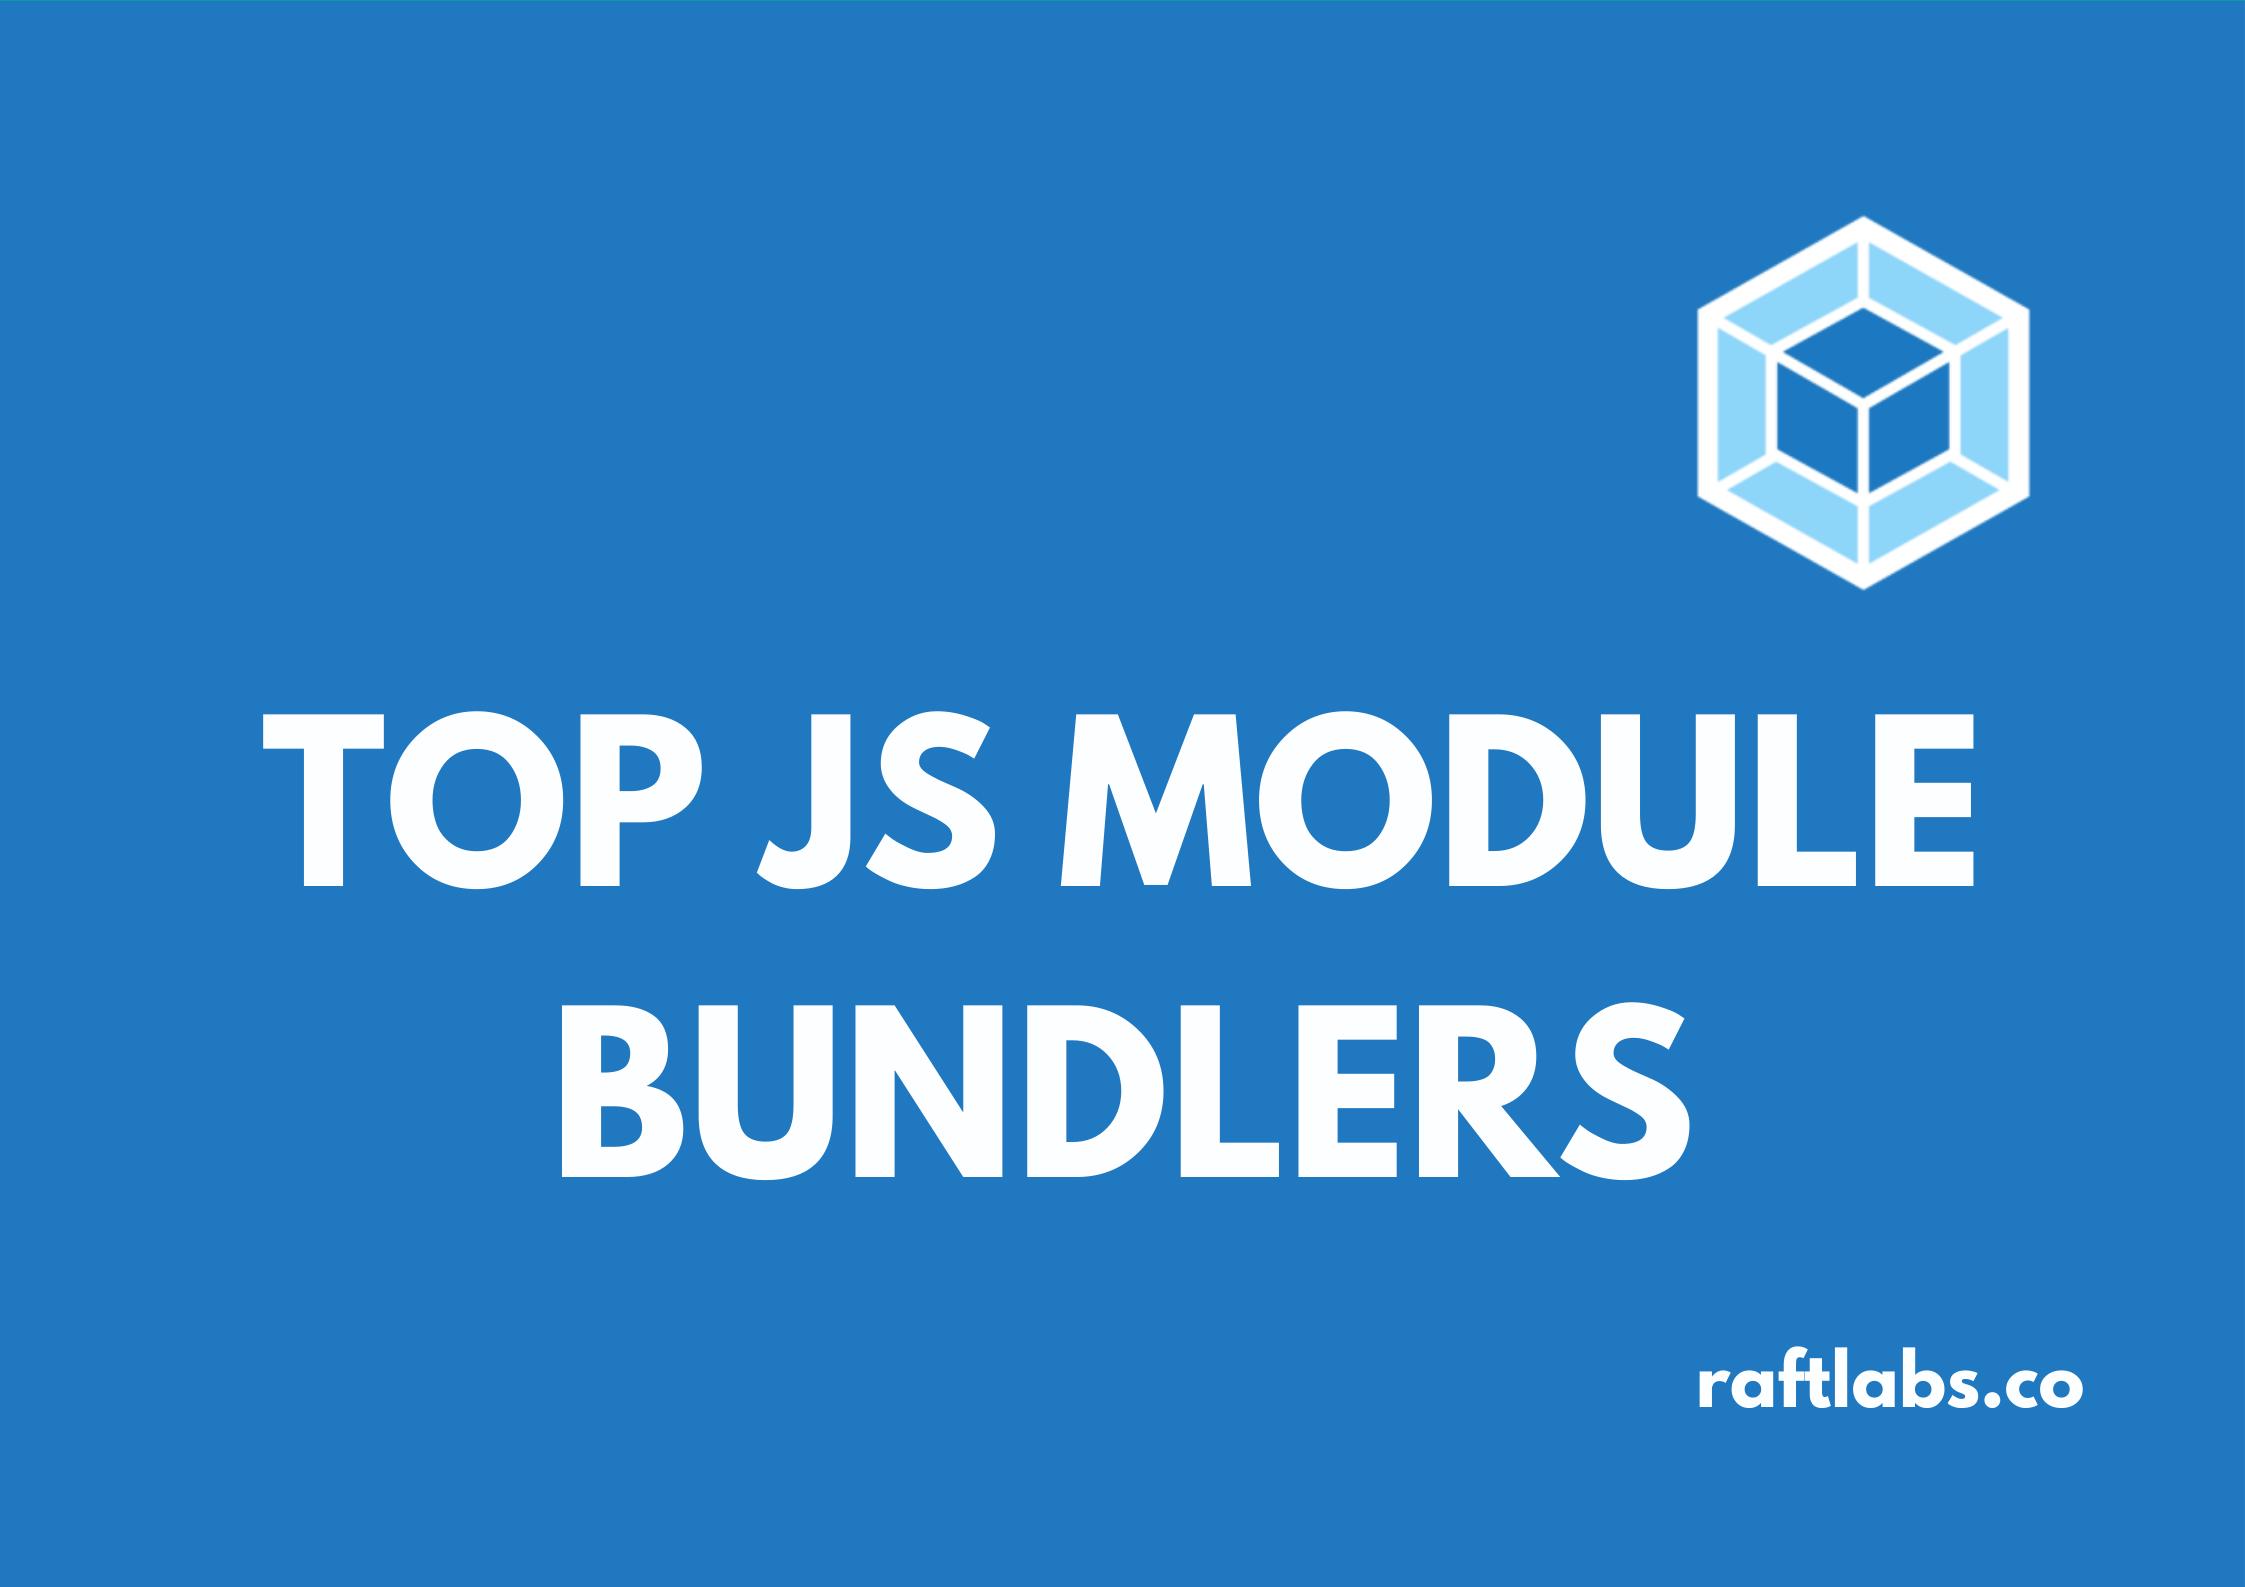 TOP JS Module Bundlers with module bundlers logo - raftlabs.co